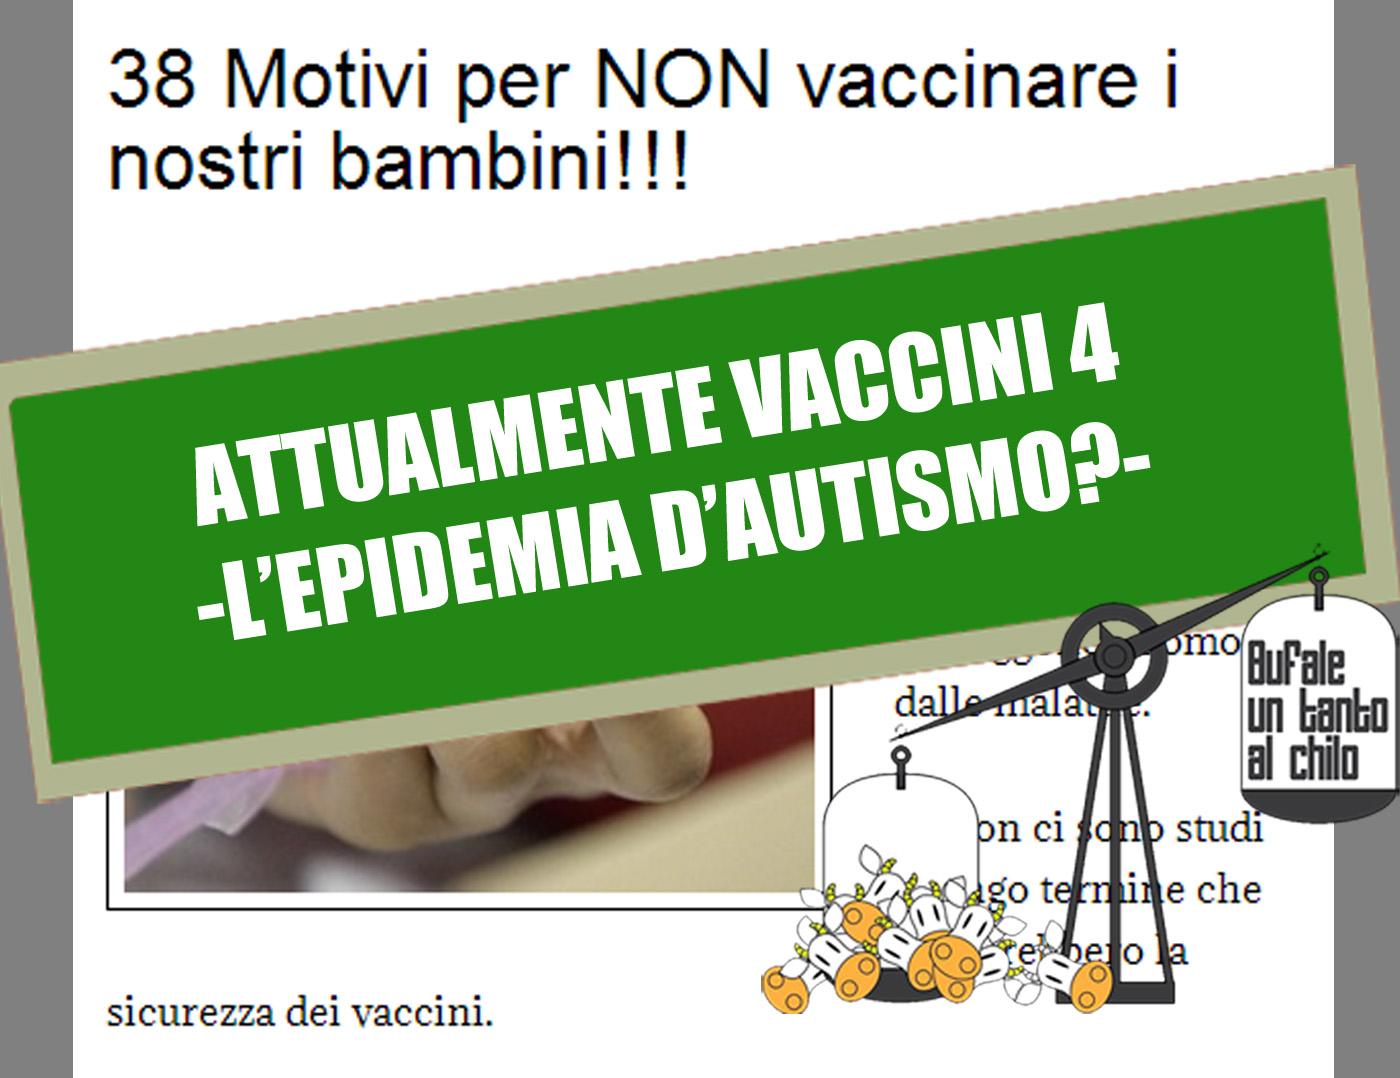 attualmentevaccini4